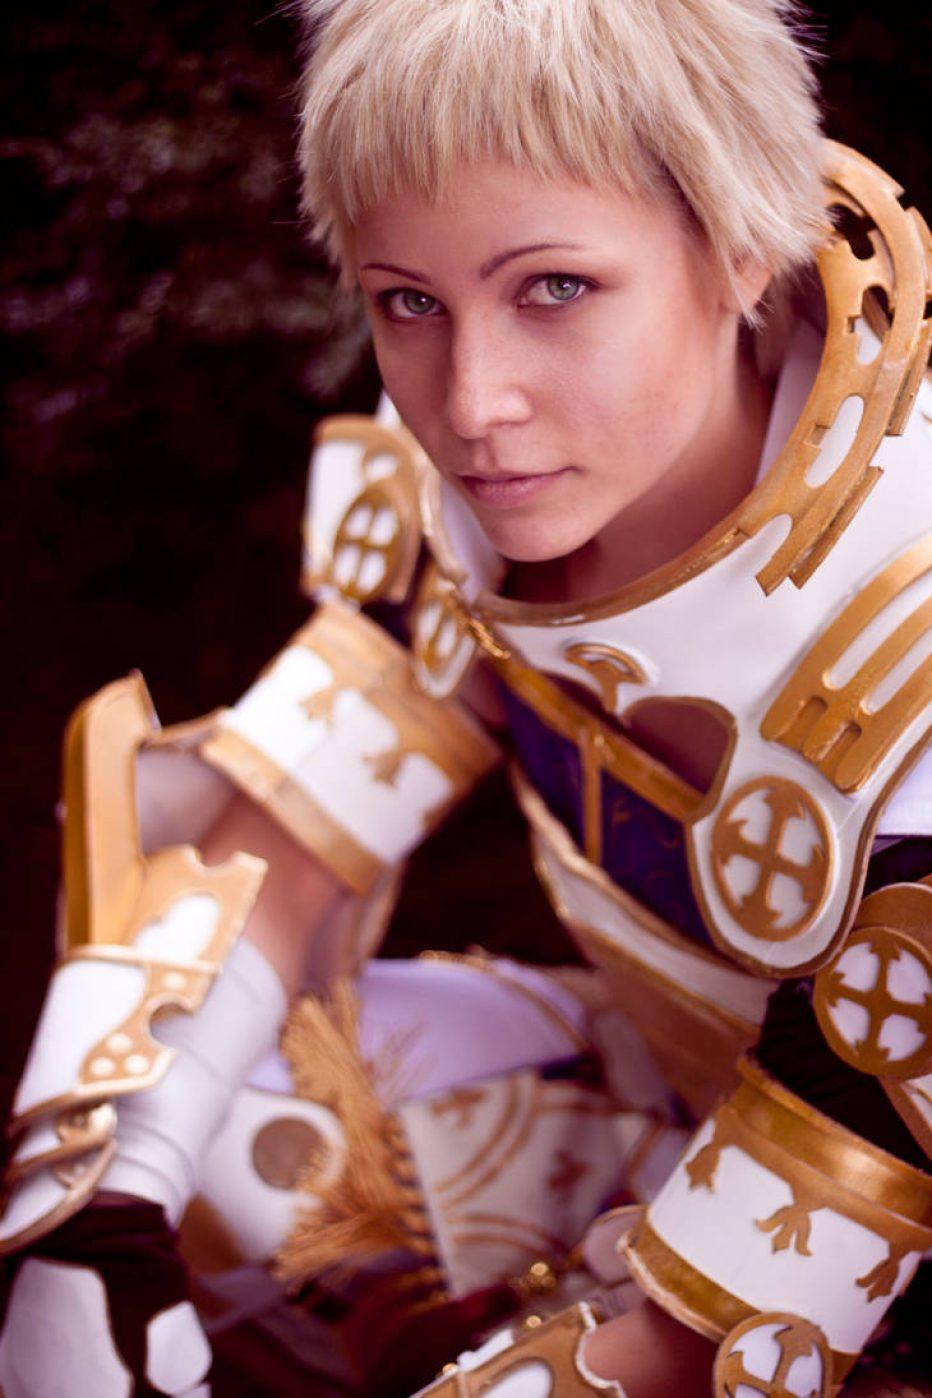 Final-Fantasy-XII-Rasler-Cosplay-Gamers-Heroes-3.jpg